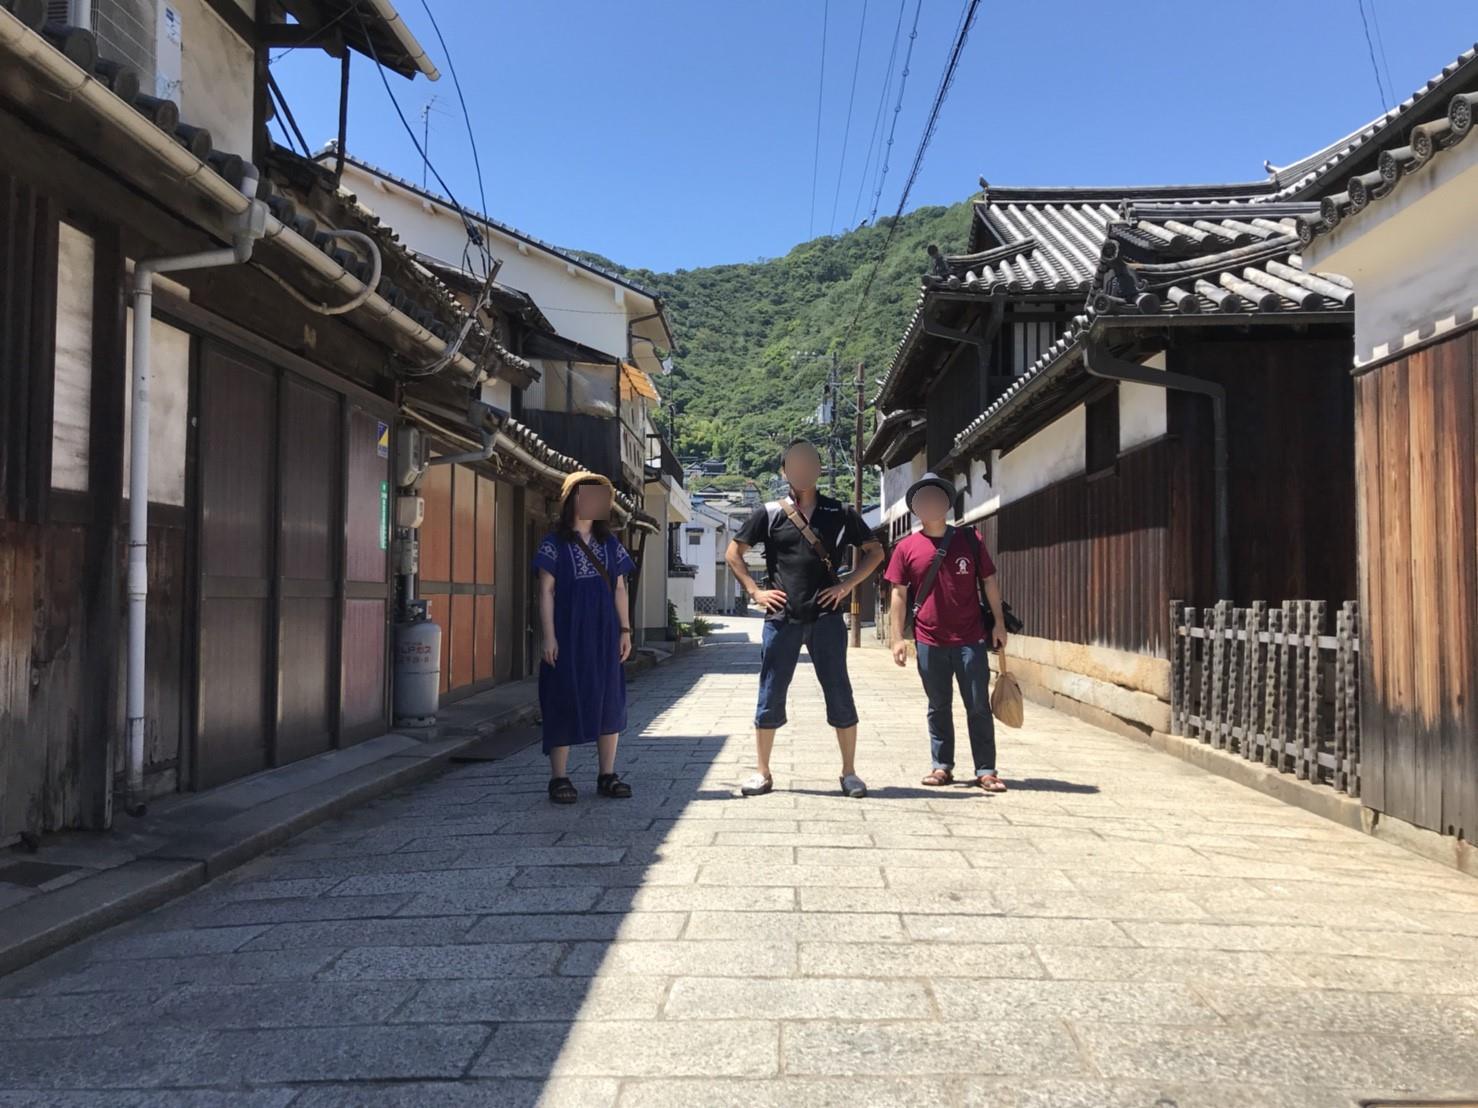 広島・福山旅行記 (鞆の浦etc..)〜その1〜